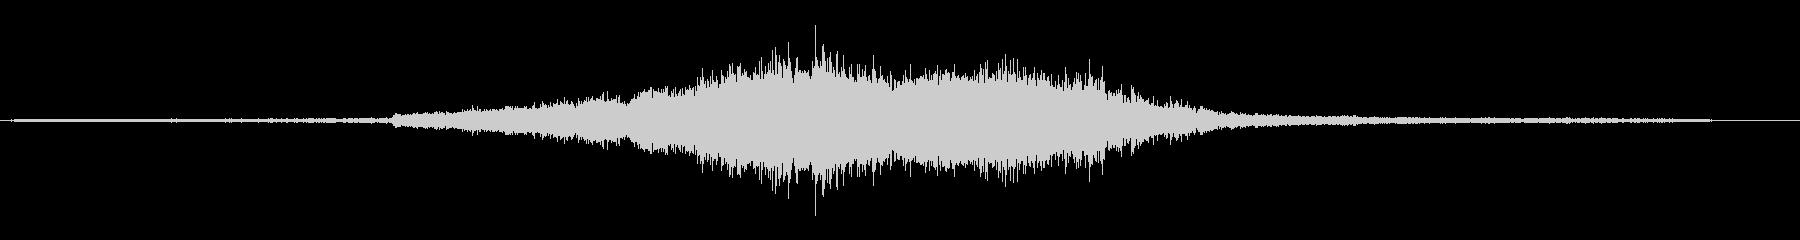 電車の走行音の未再生の波形